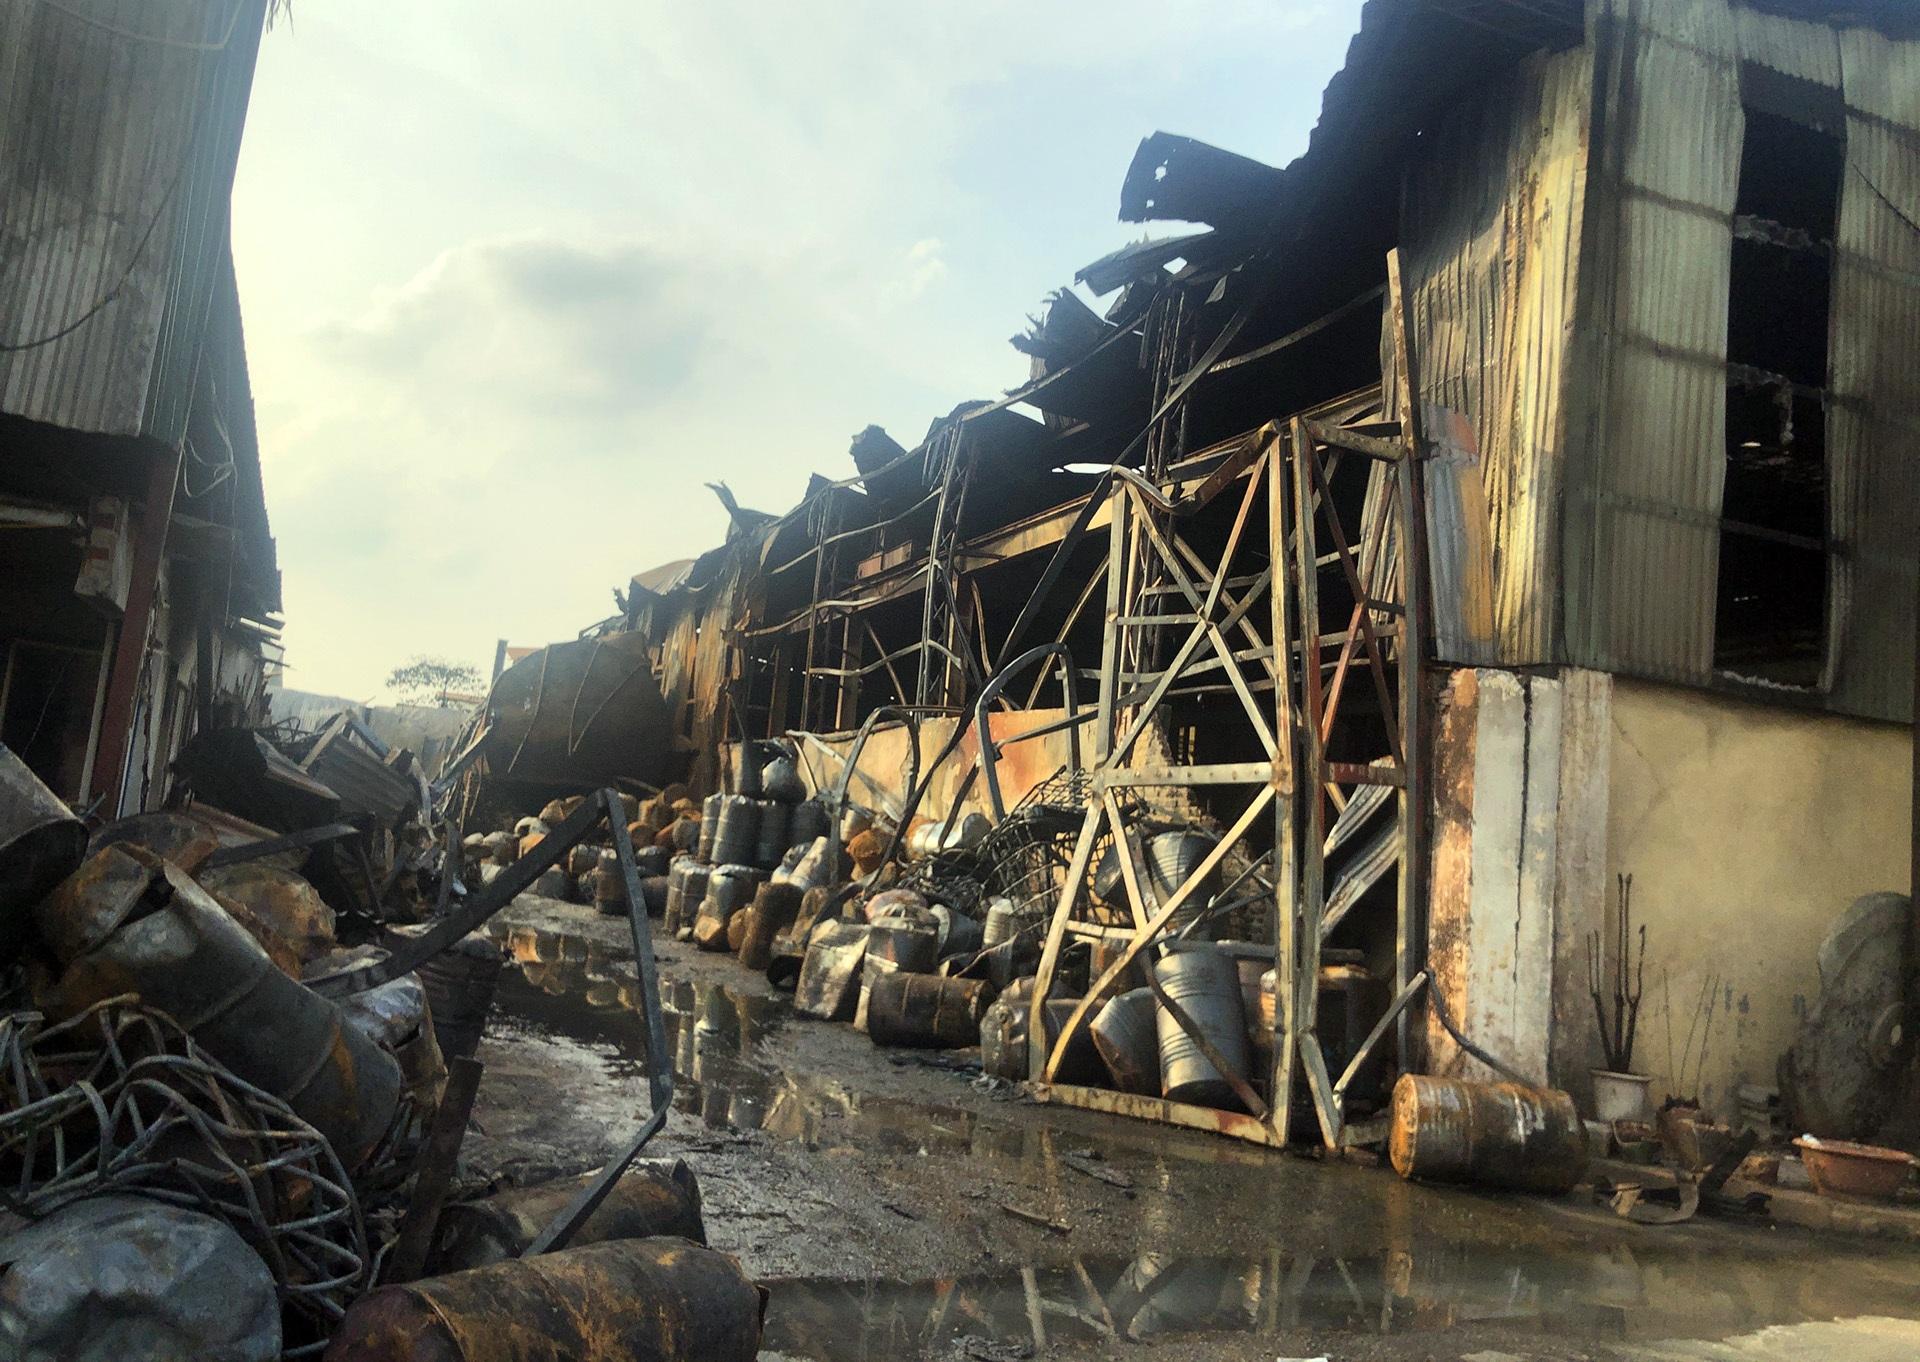 Toàn cảnh kho hoá chất sau đám cháy lớn - 4